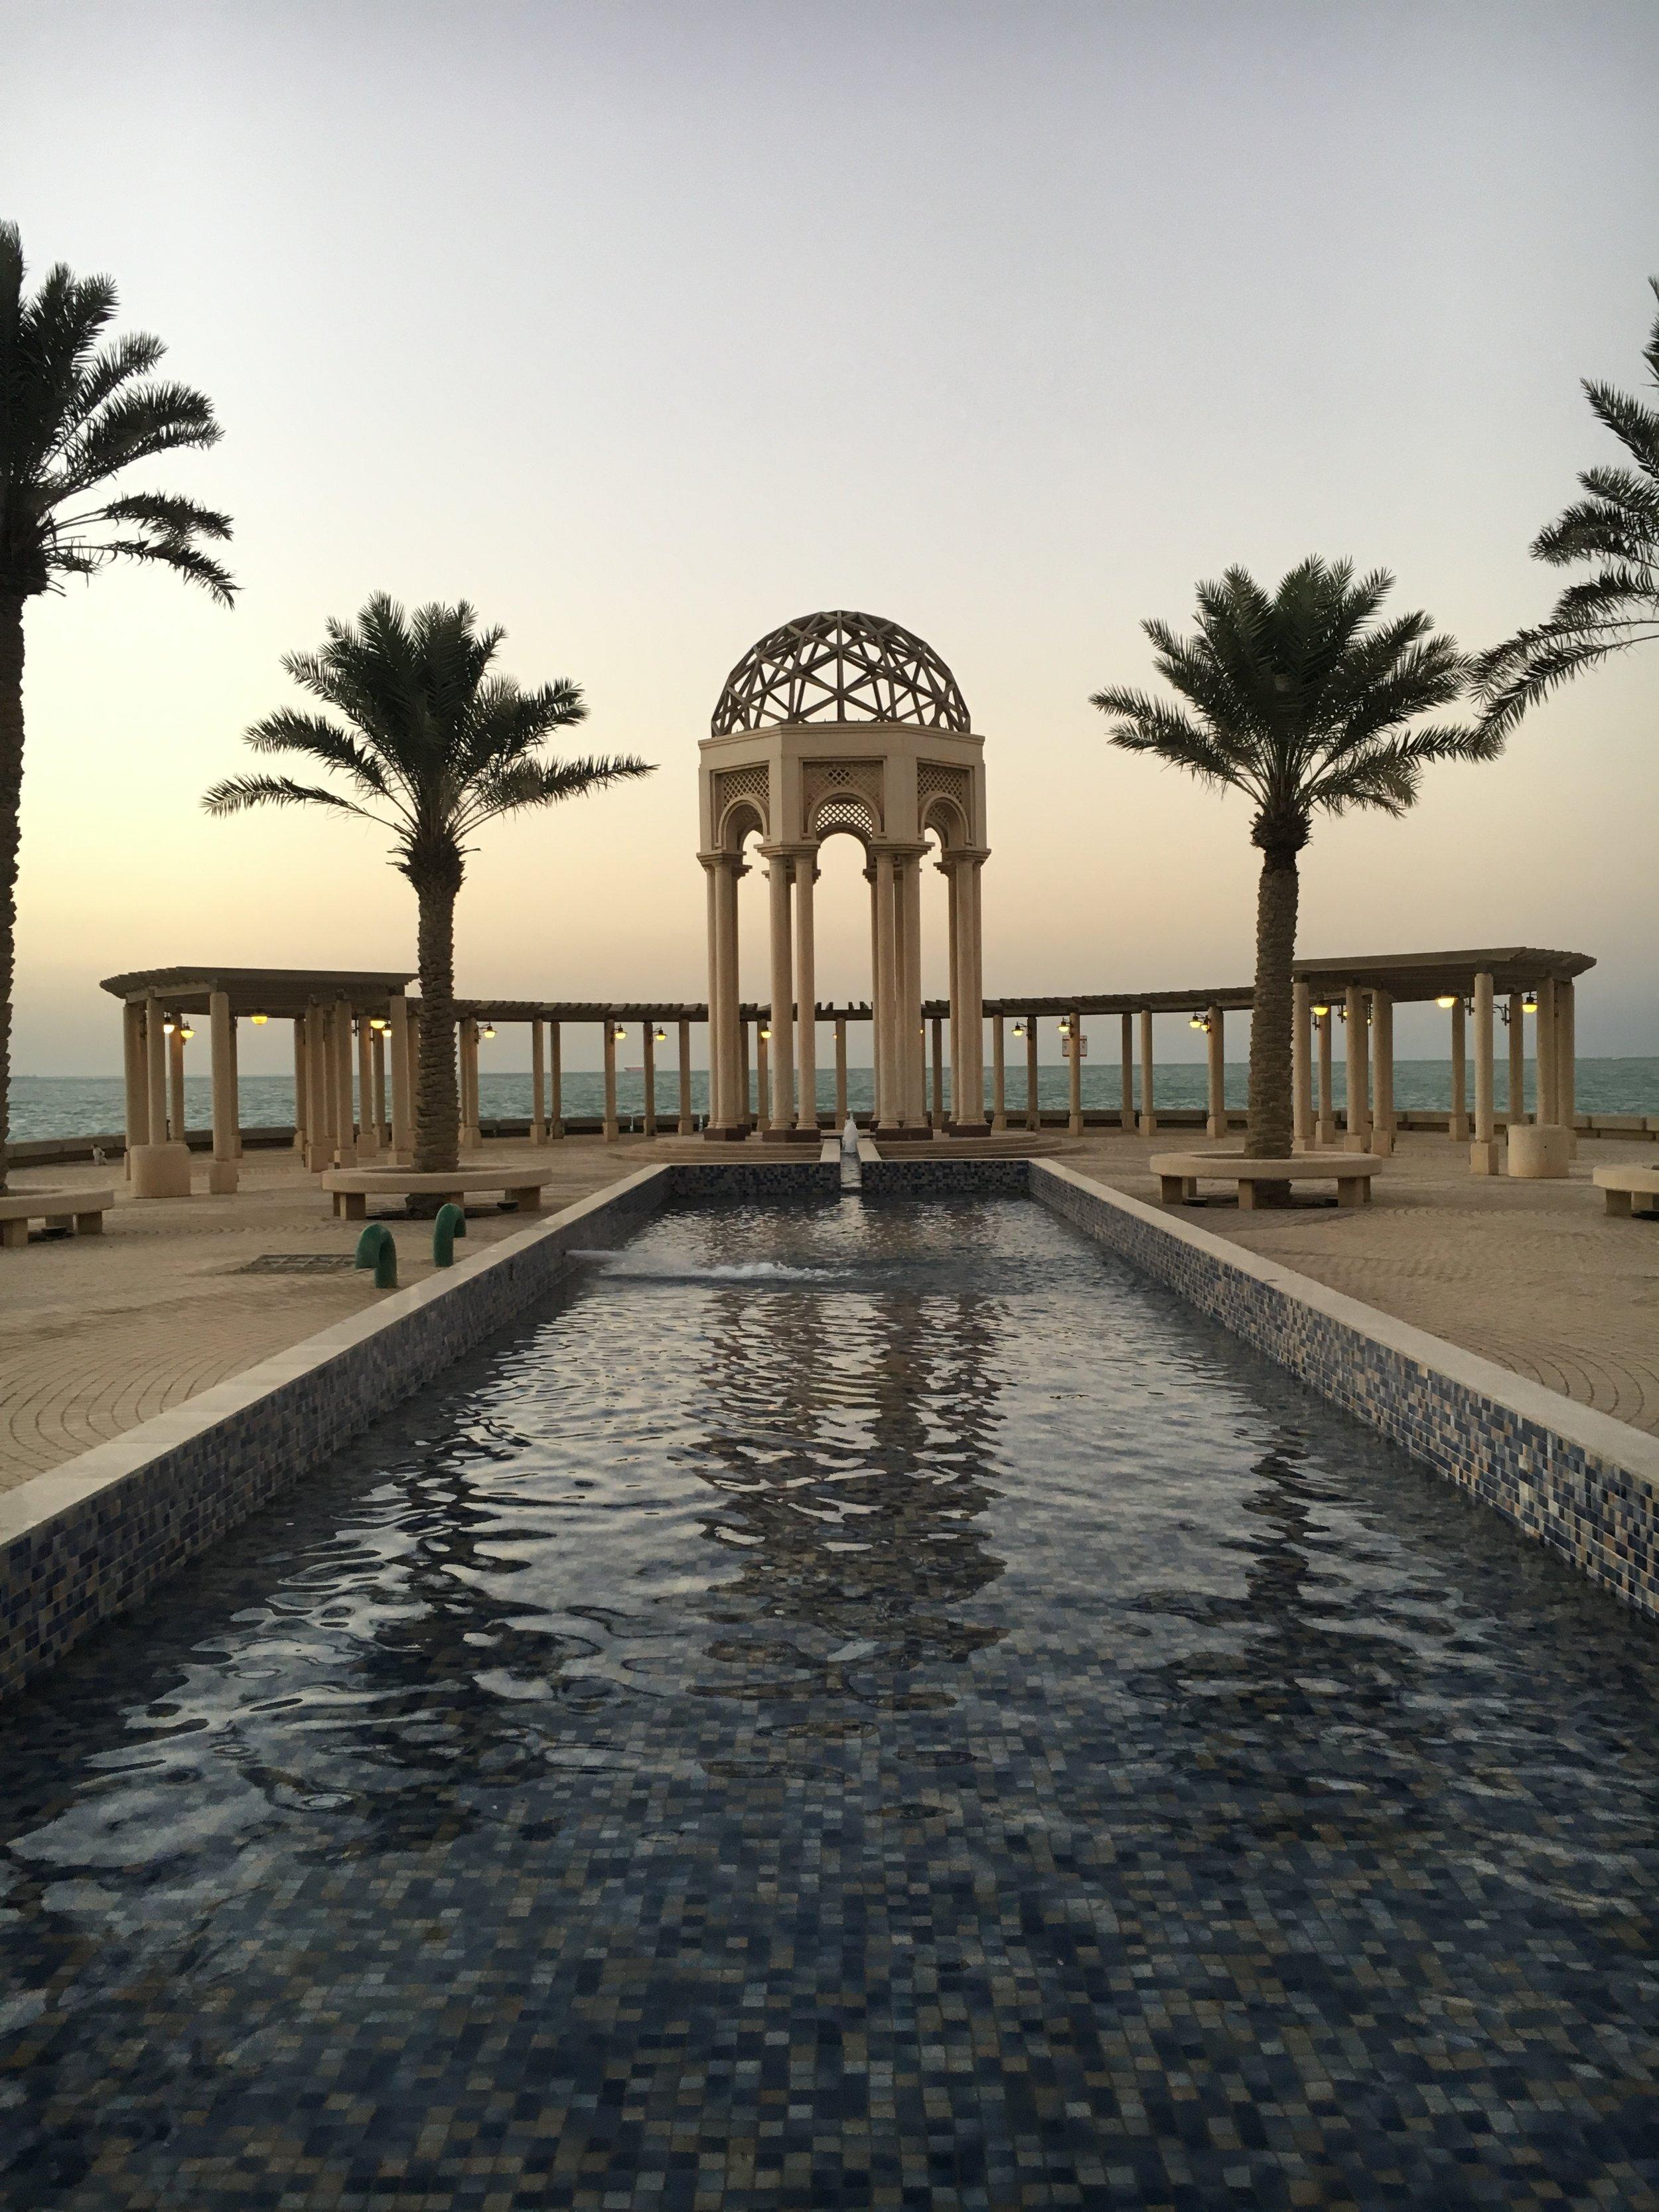 KuwaitFountain.jpg